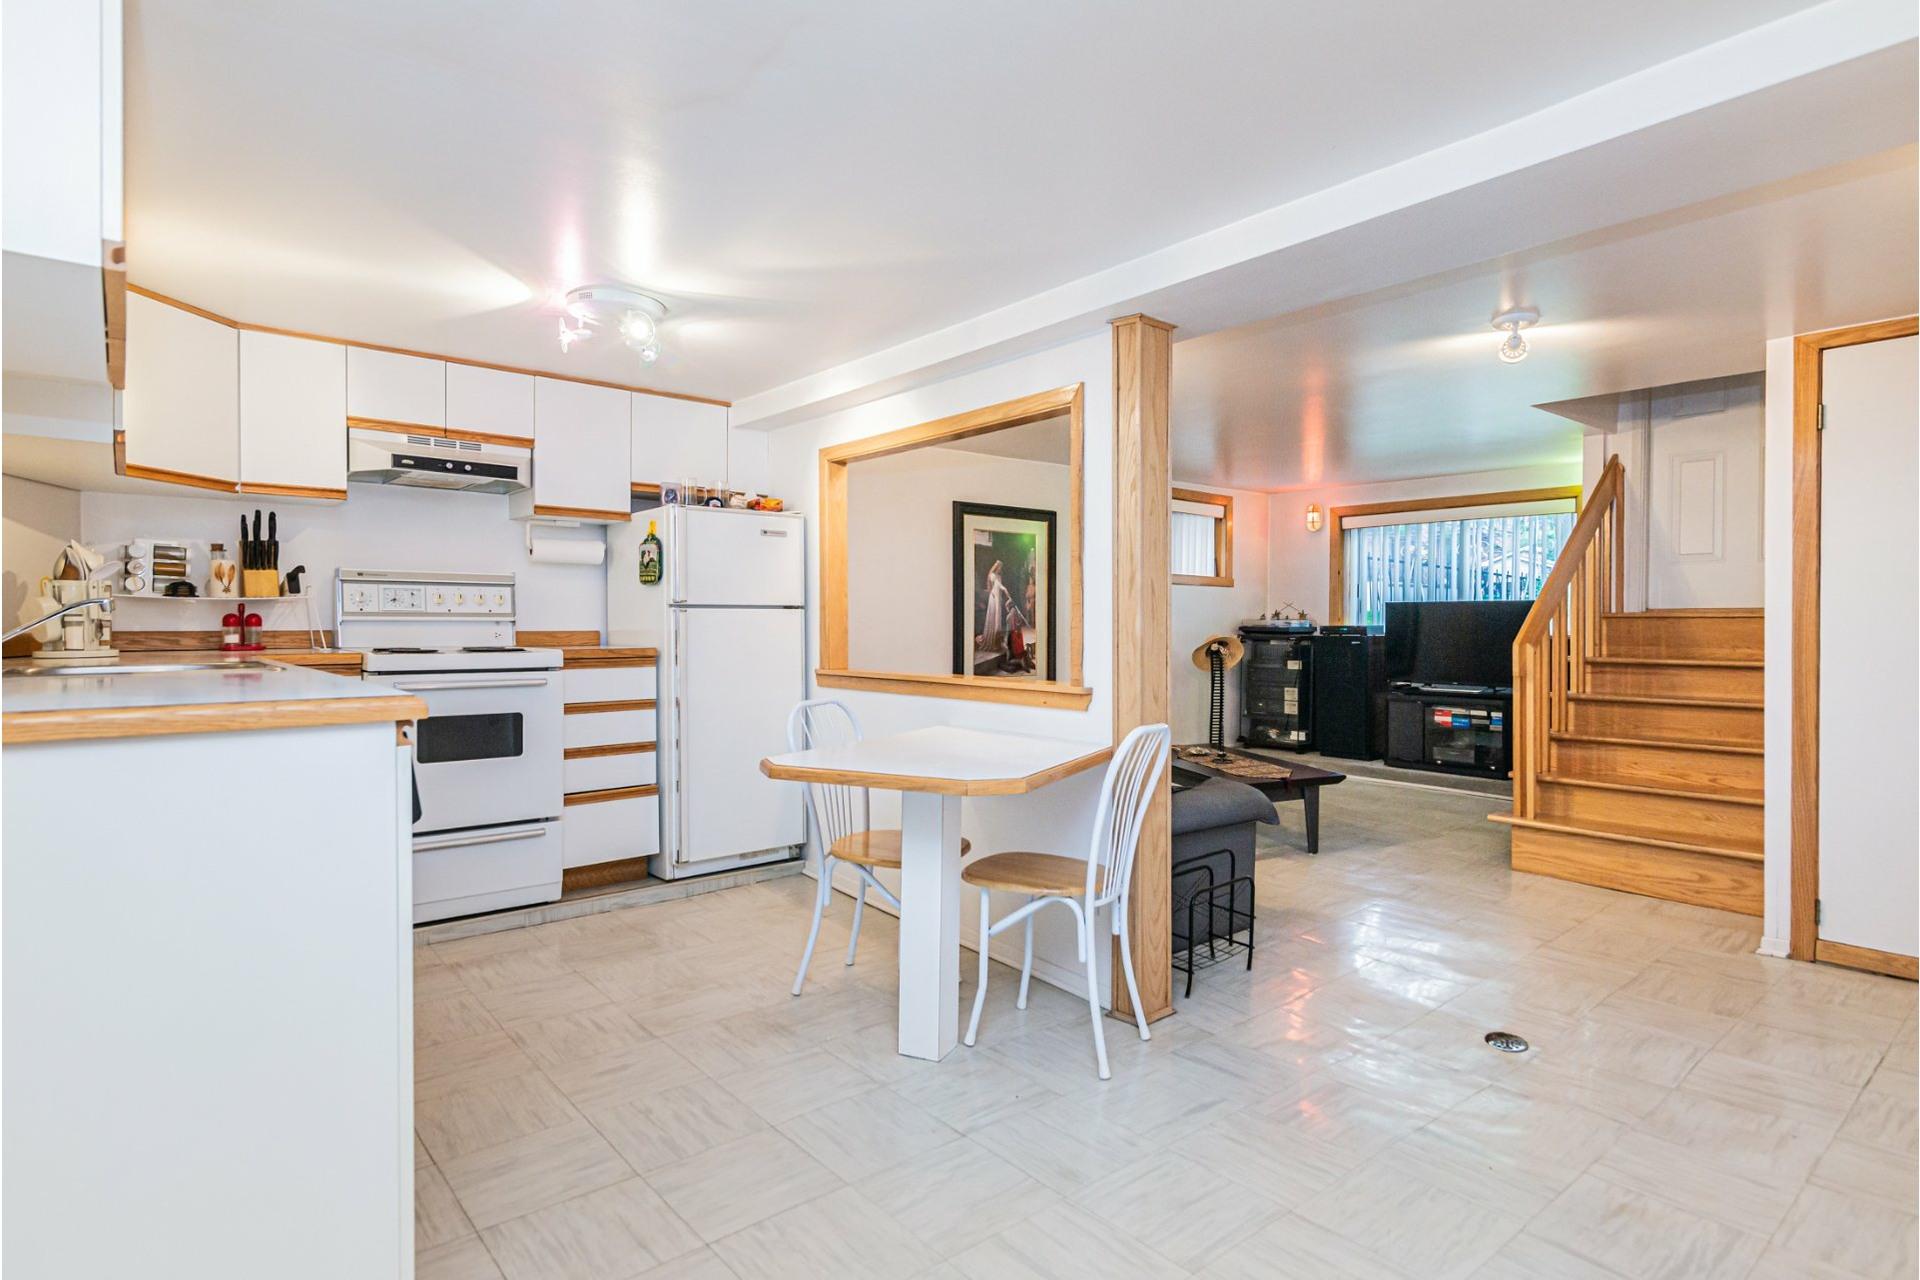 image 14 - Duplex À vendre Mercier/Hochelaga-Maisonneuve Montréal  - 4 pièces